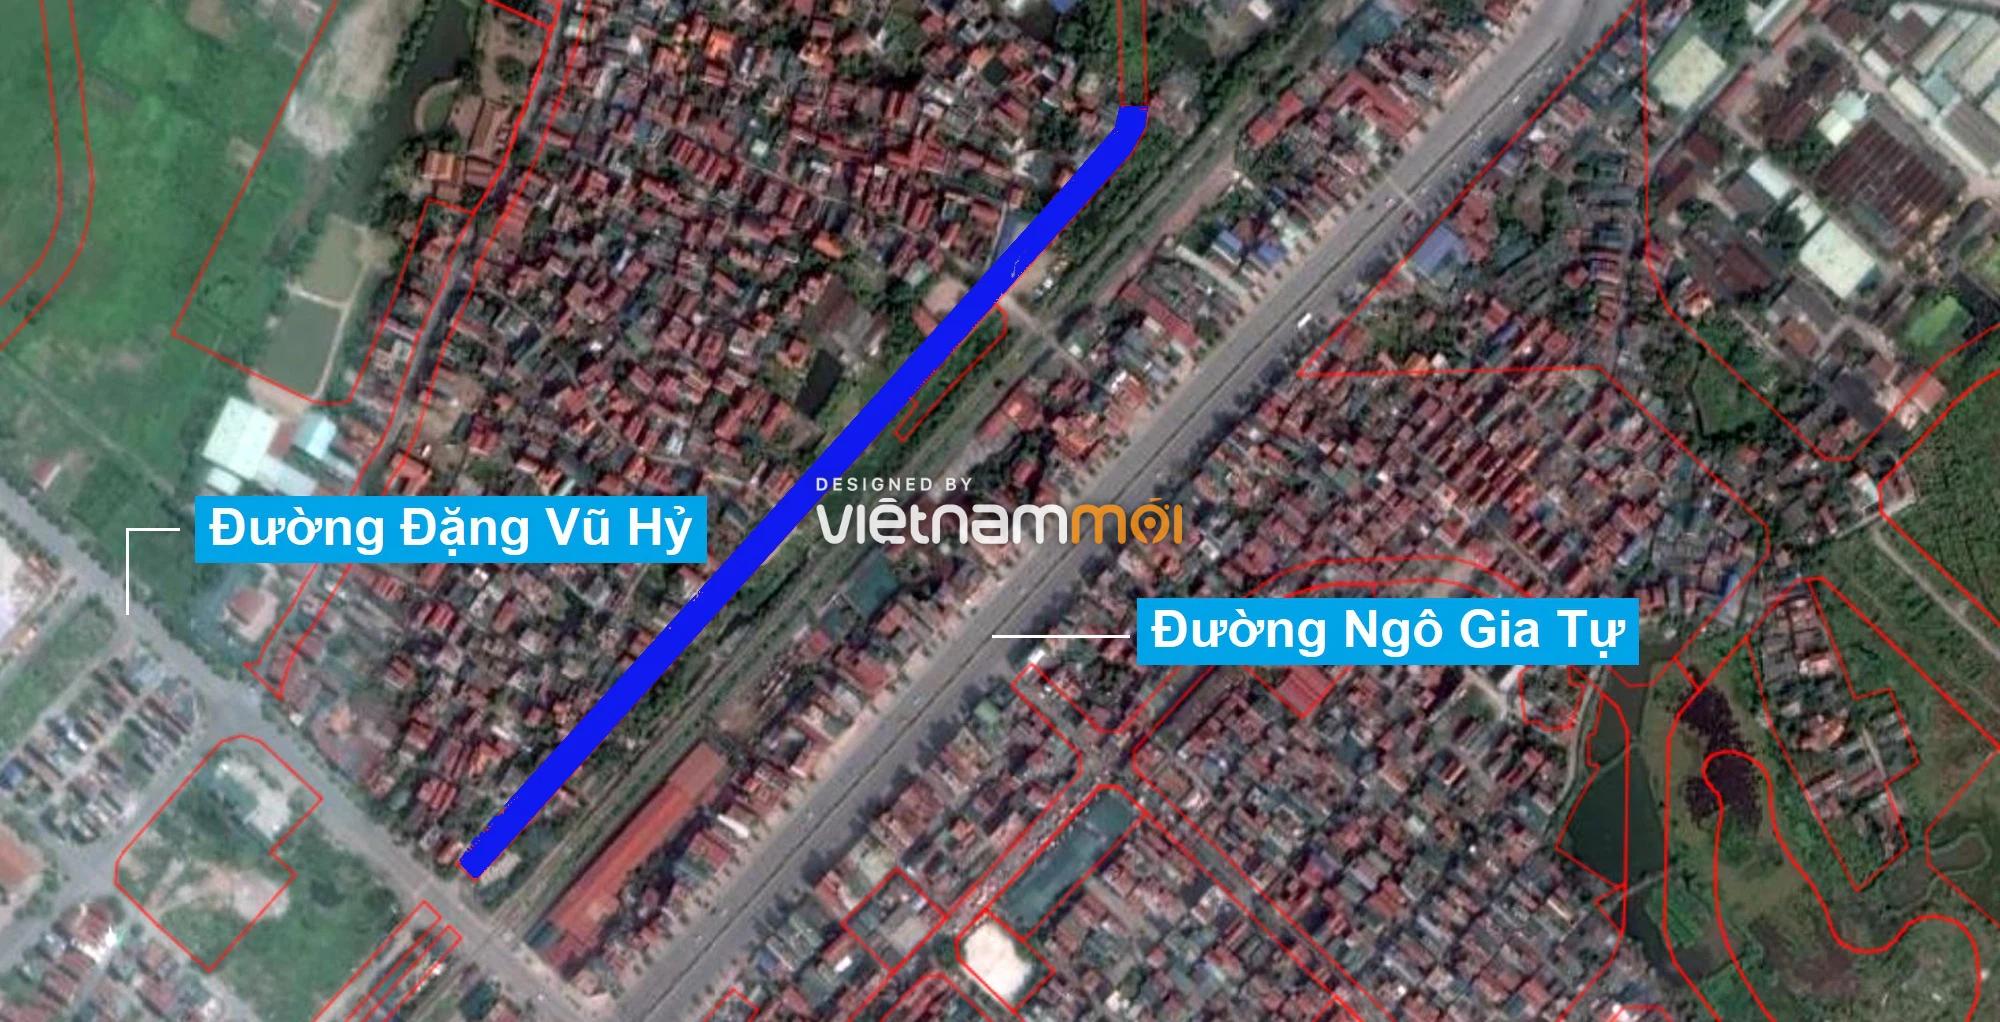 Những khu đất sắp thu hồi để mở đường ở phường Thượng Thanh, Long Biên, Hà Nội (phần 3) - Ảnh 9.